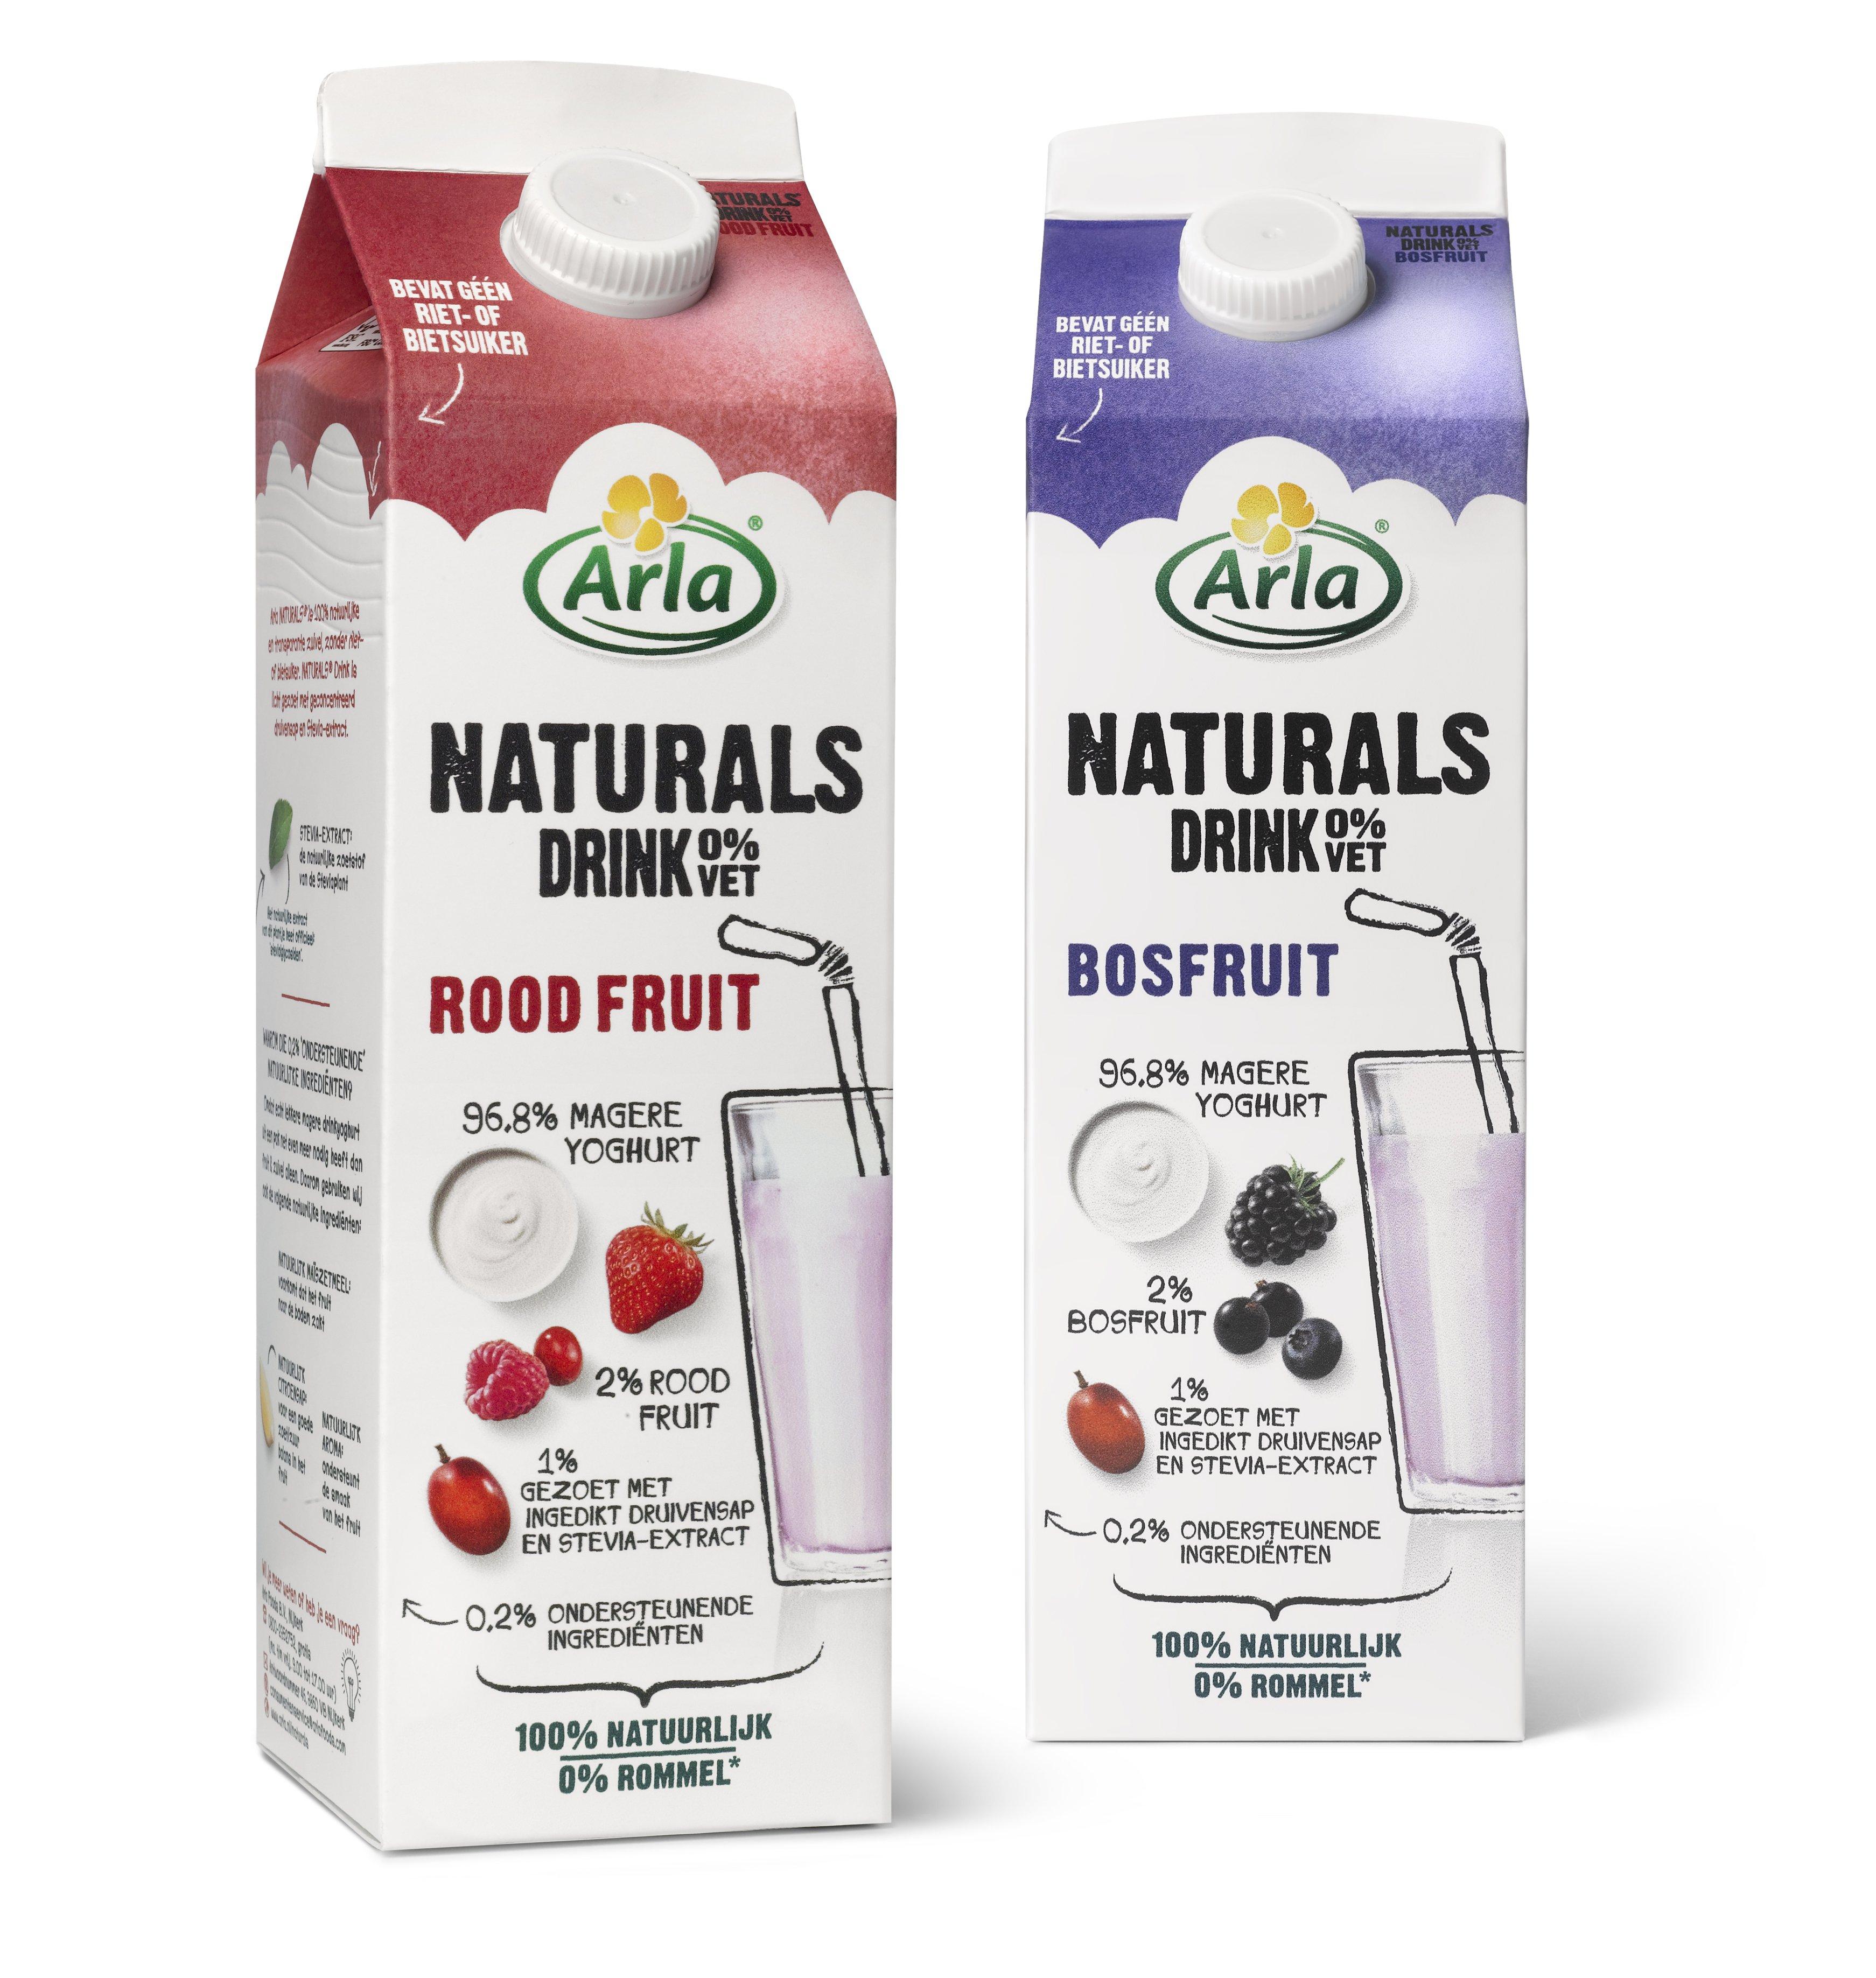 2 x Arla Naturals drink